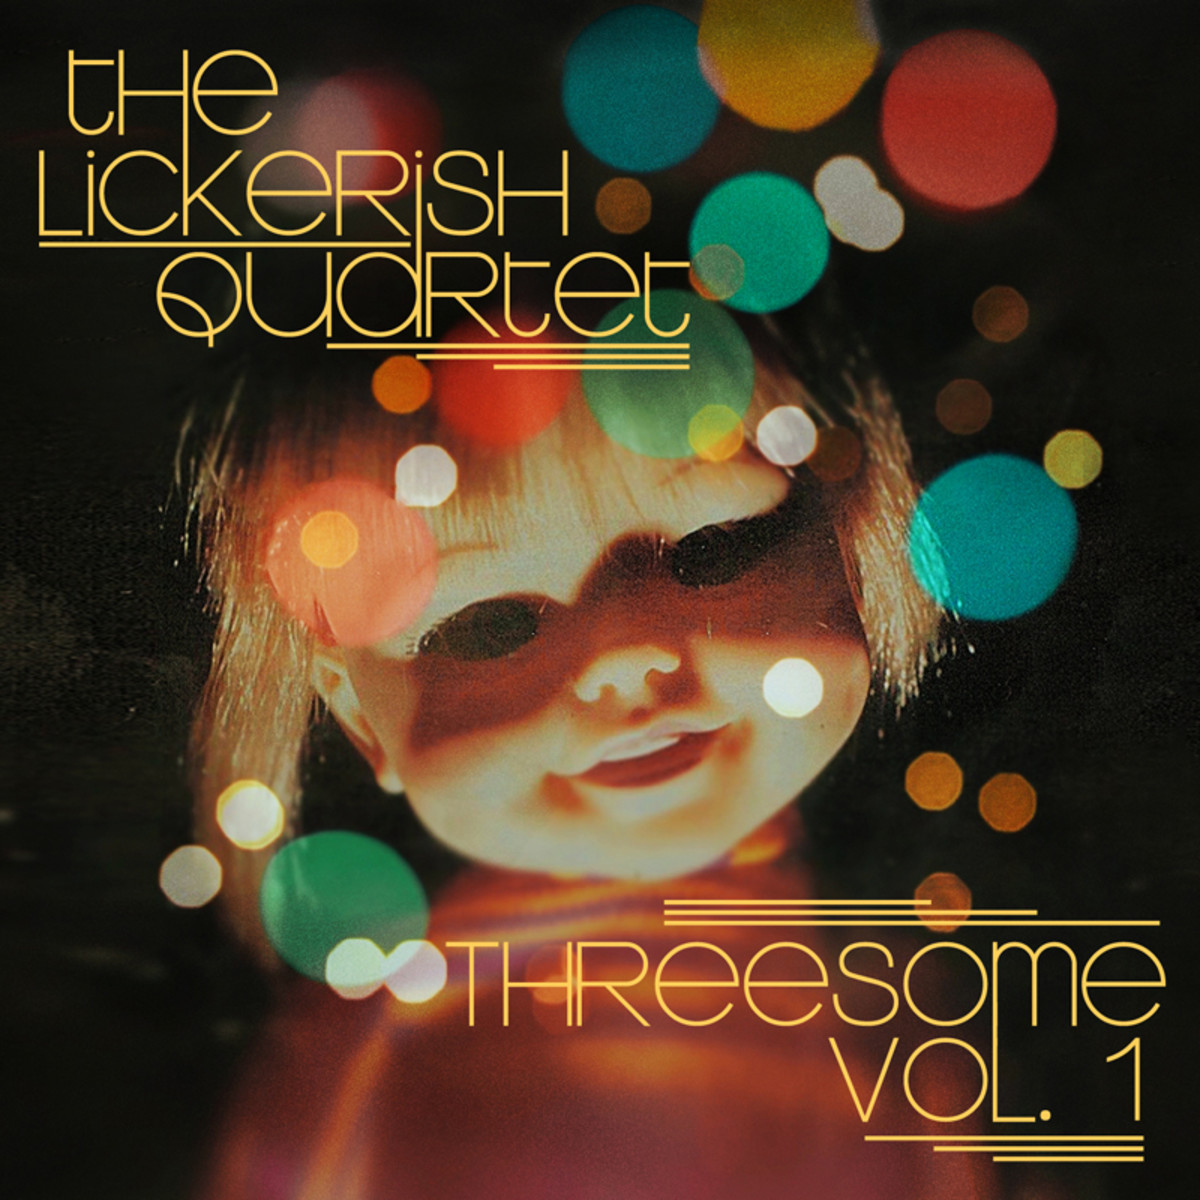 Lickerish-quartet-Cover